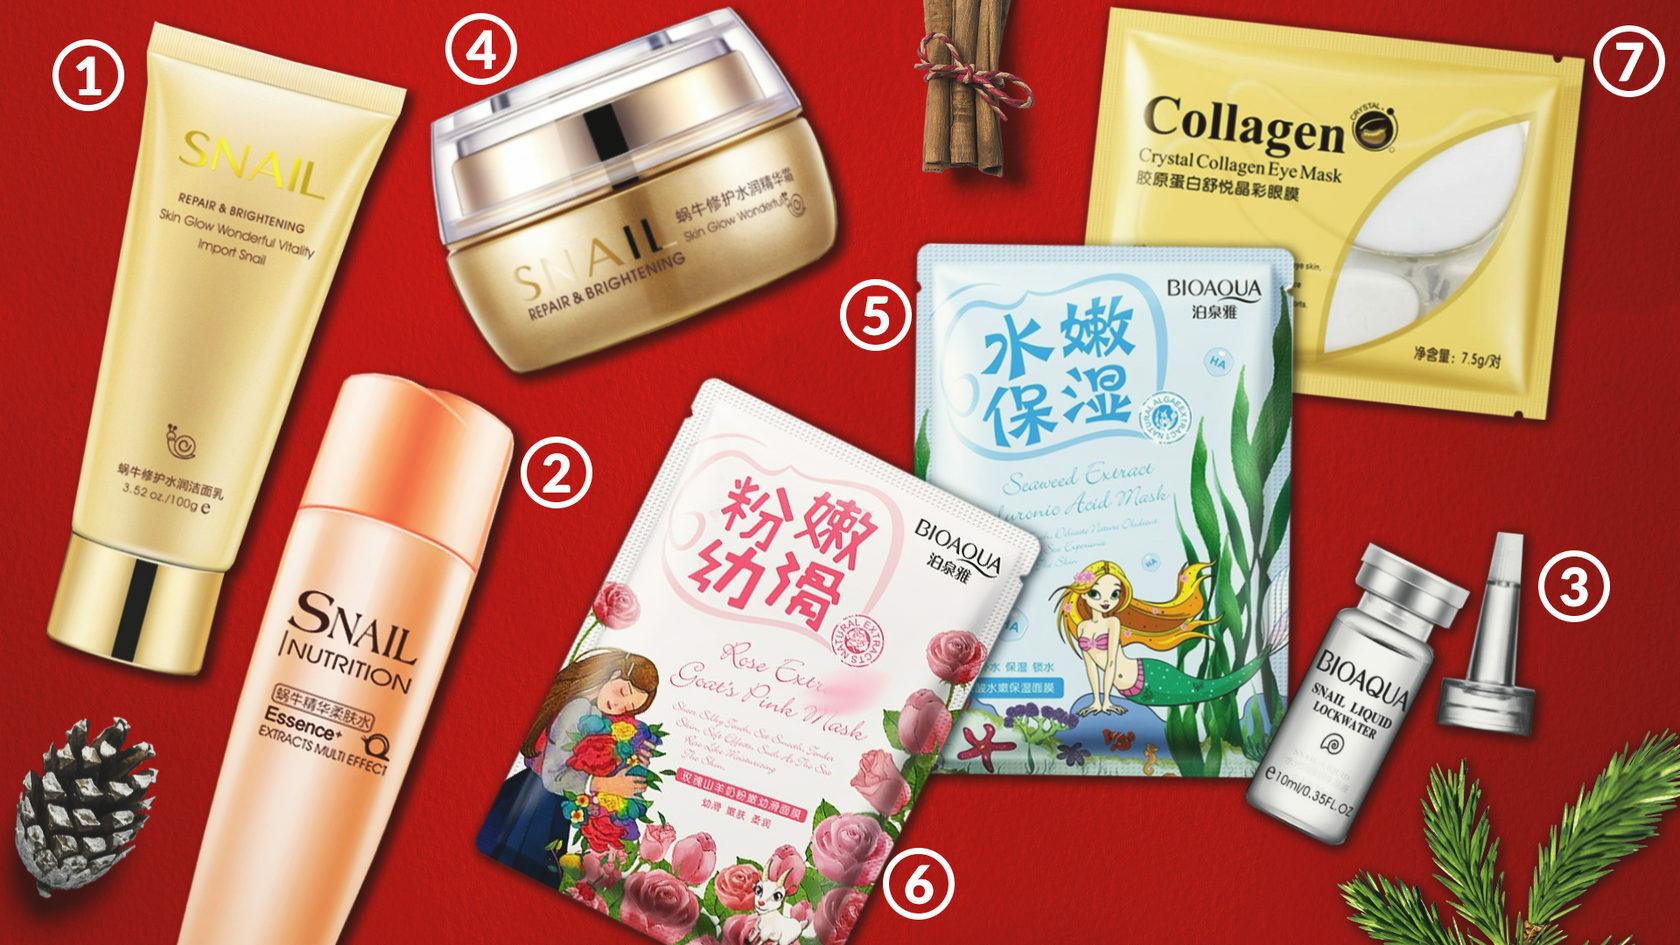 Китайская косметика где купить во владивостоке косметика витекс где купить в краснодаре